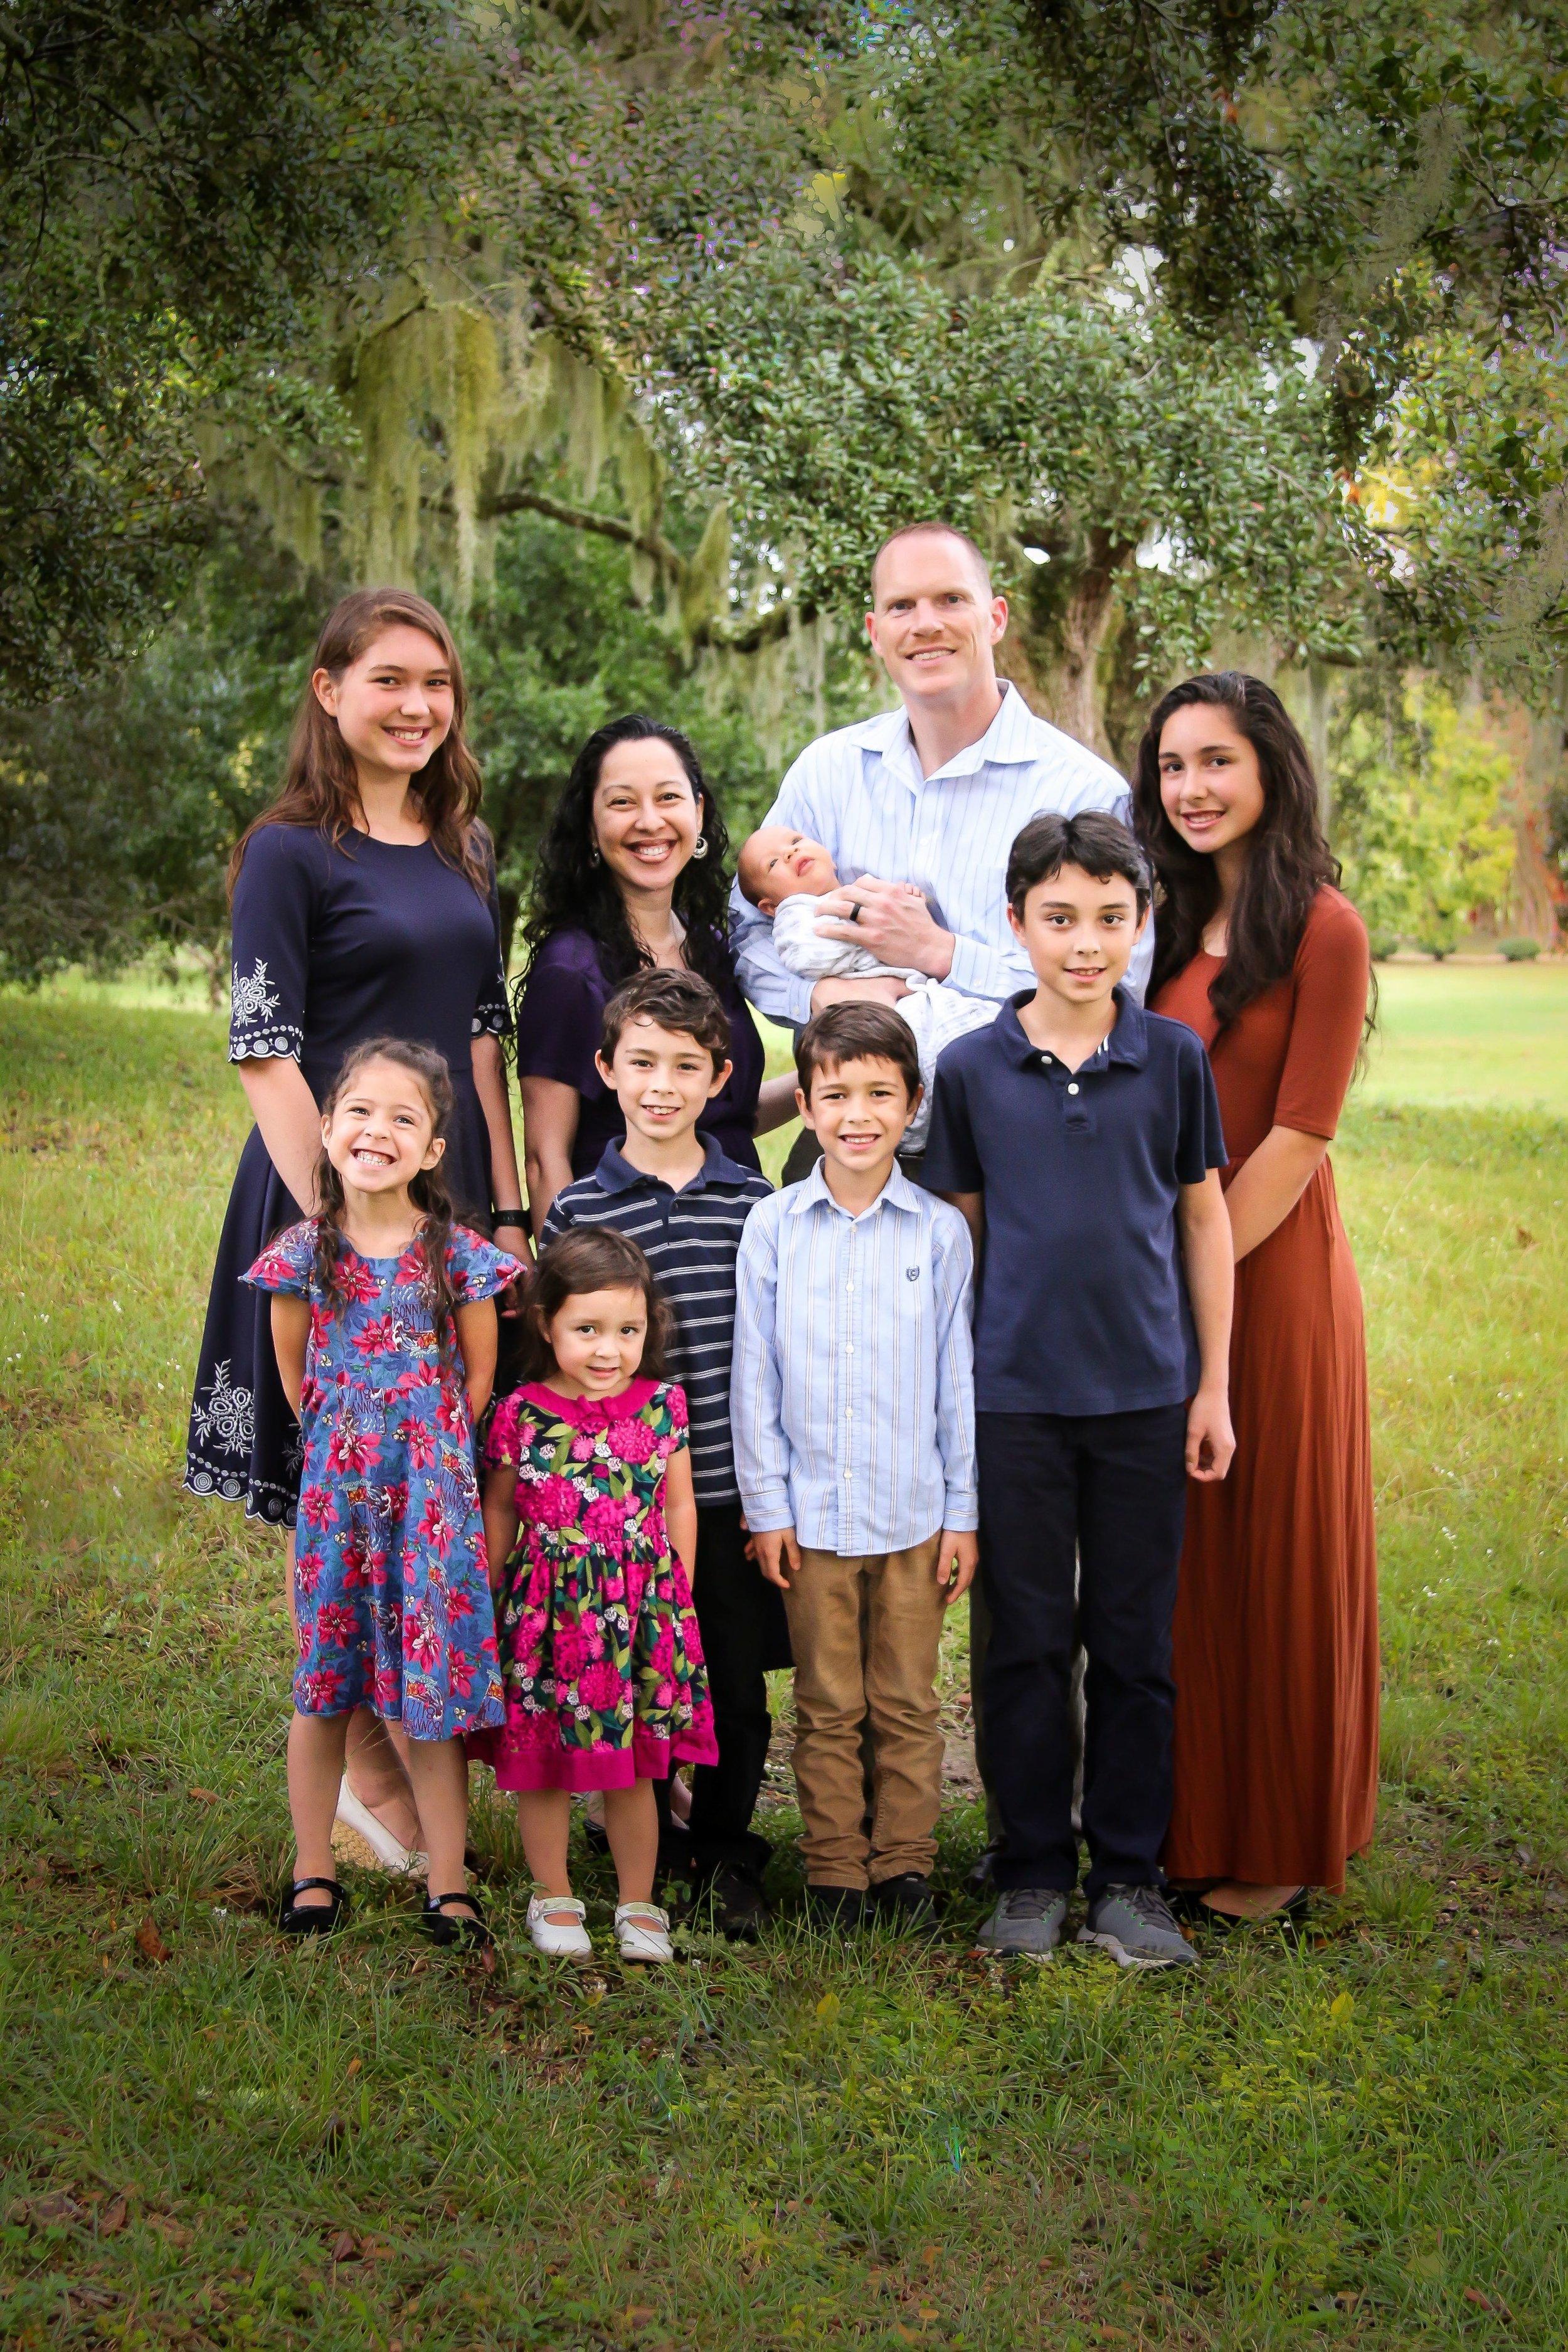 Billingsley-family-photo-2018.jpg